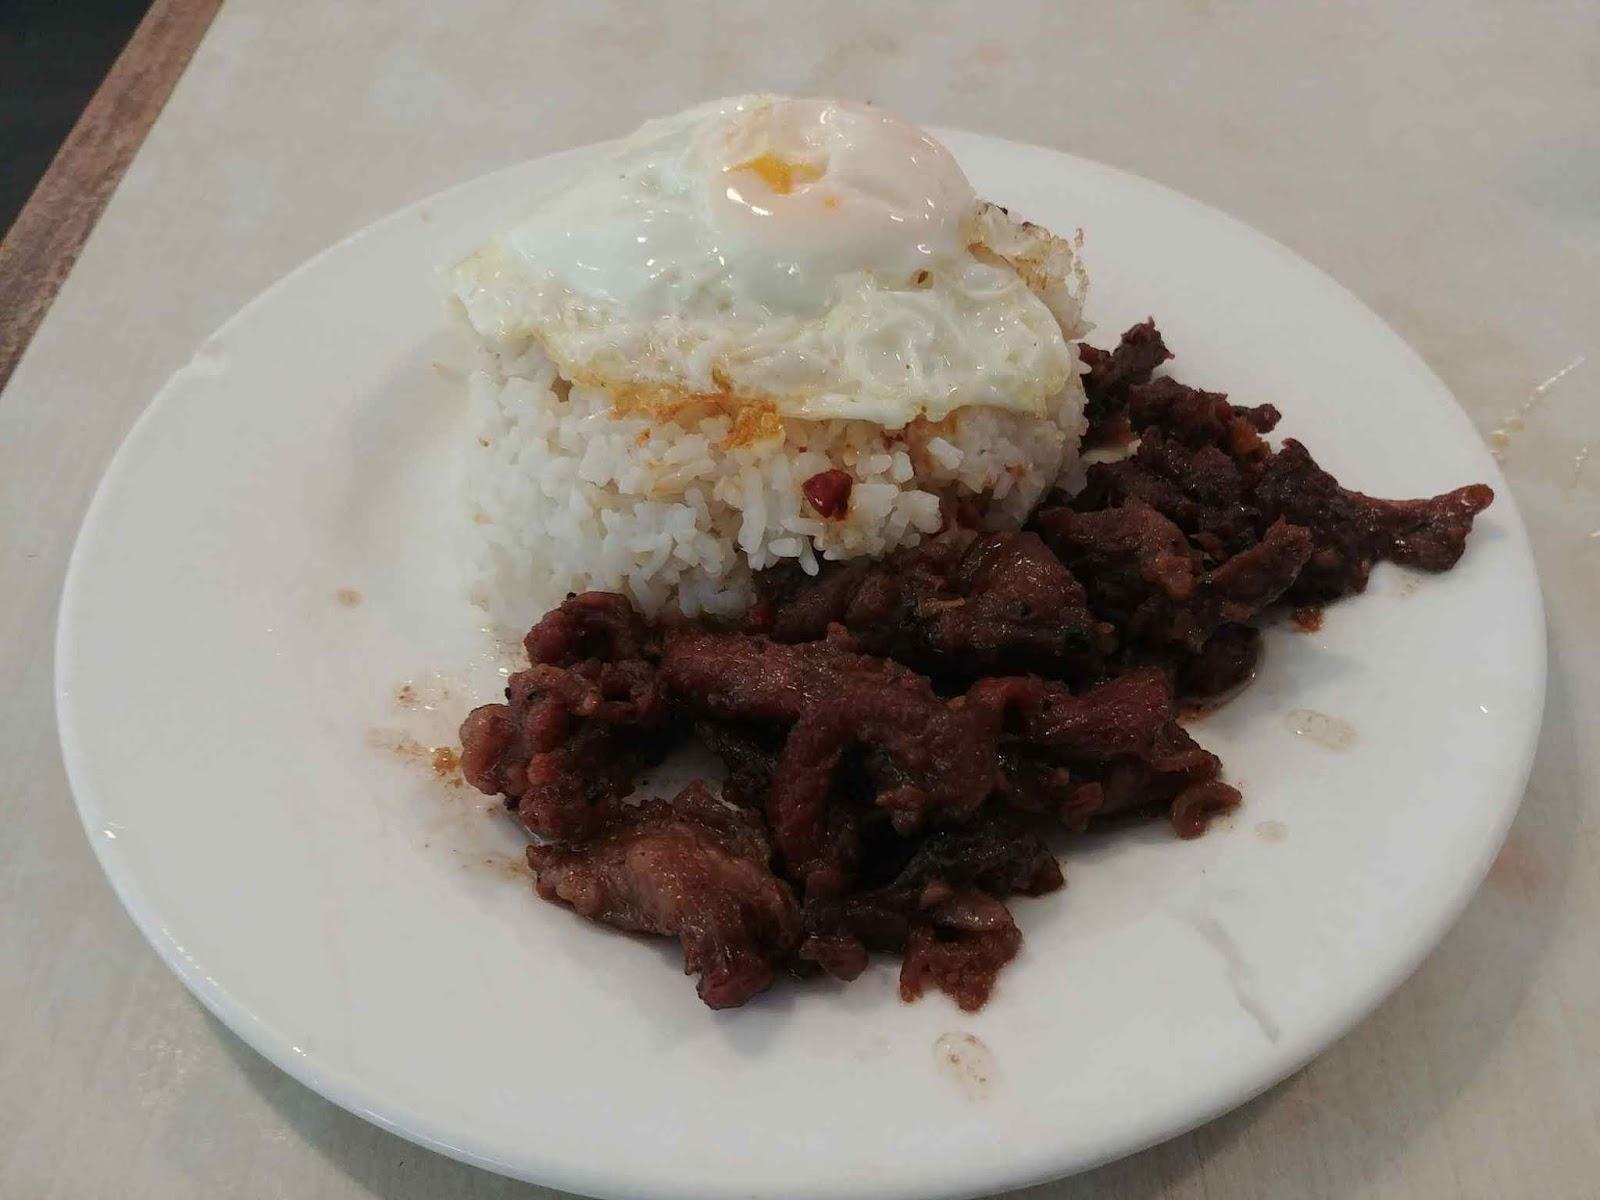 Tapsi ni Vivian's tapa, sinangag, and itlog or more popularly known as tapsilog